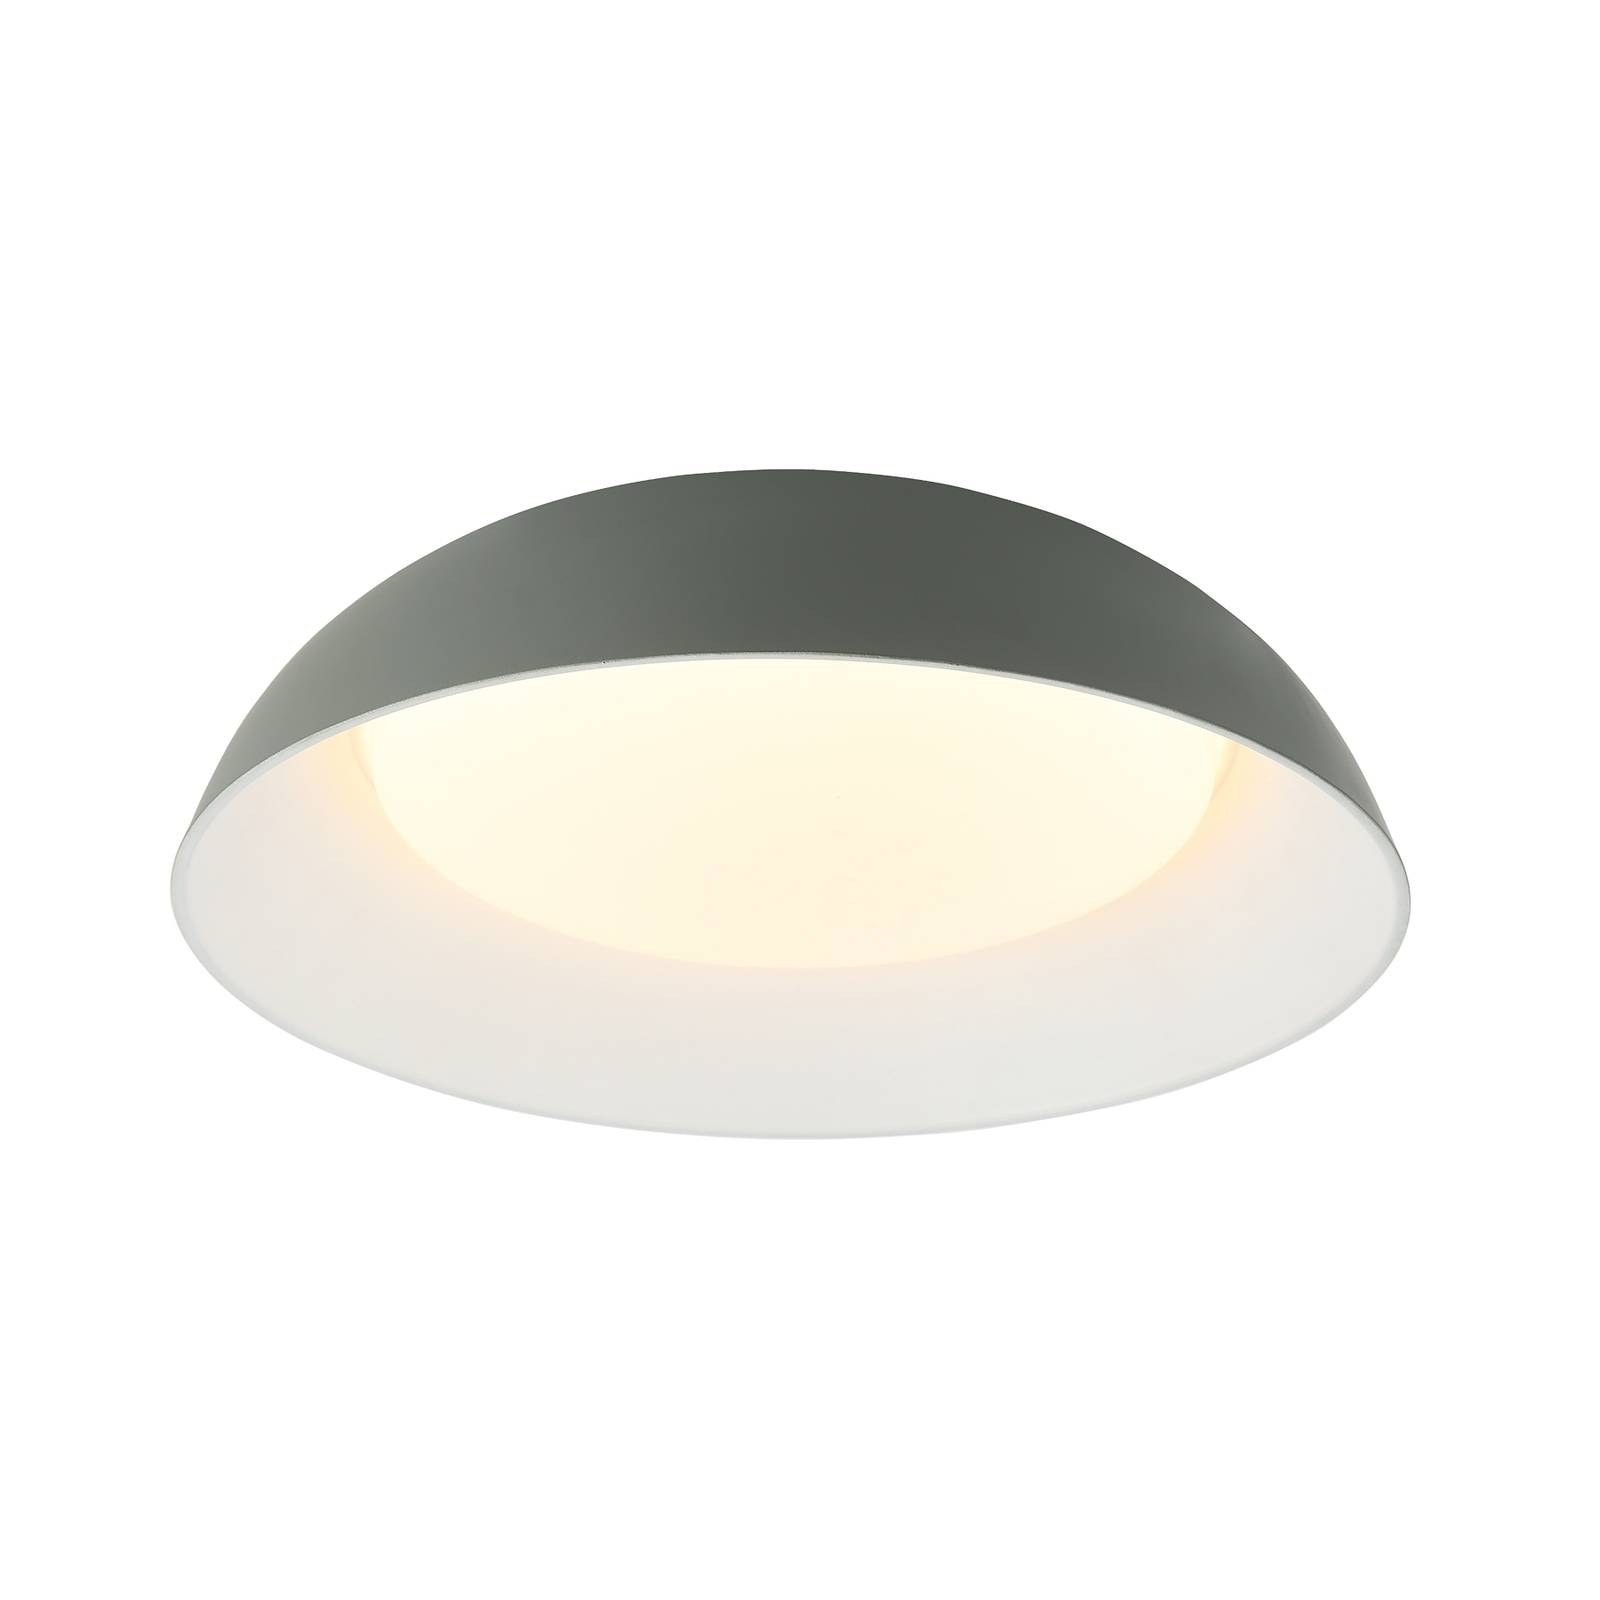 Lindby Lindby Juliven LED stropní svítidlo, šedé